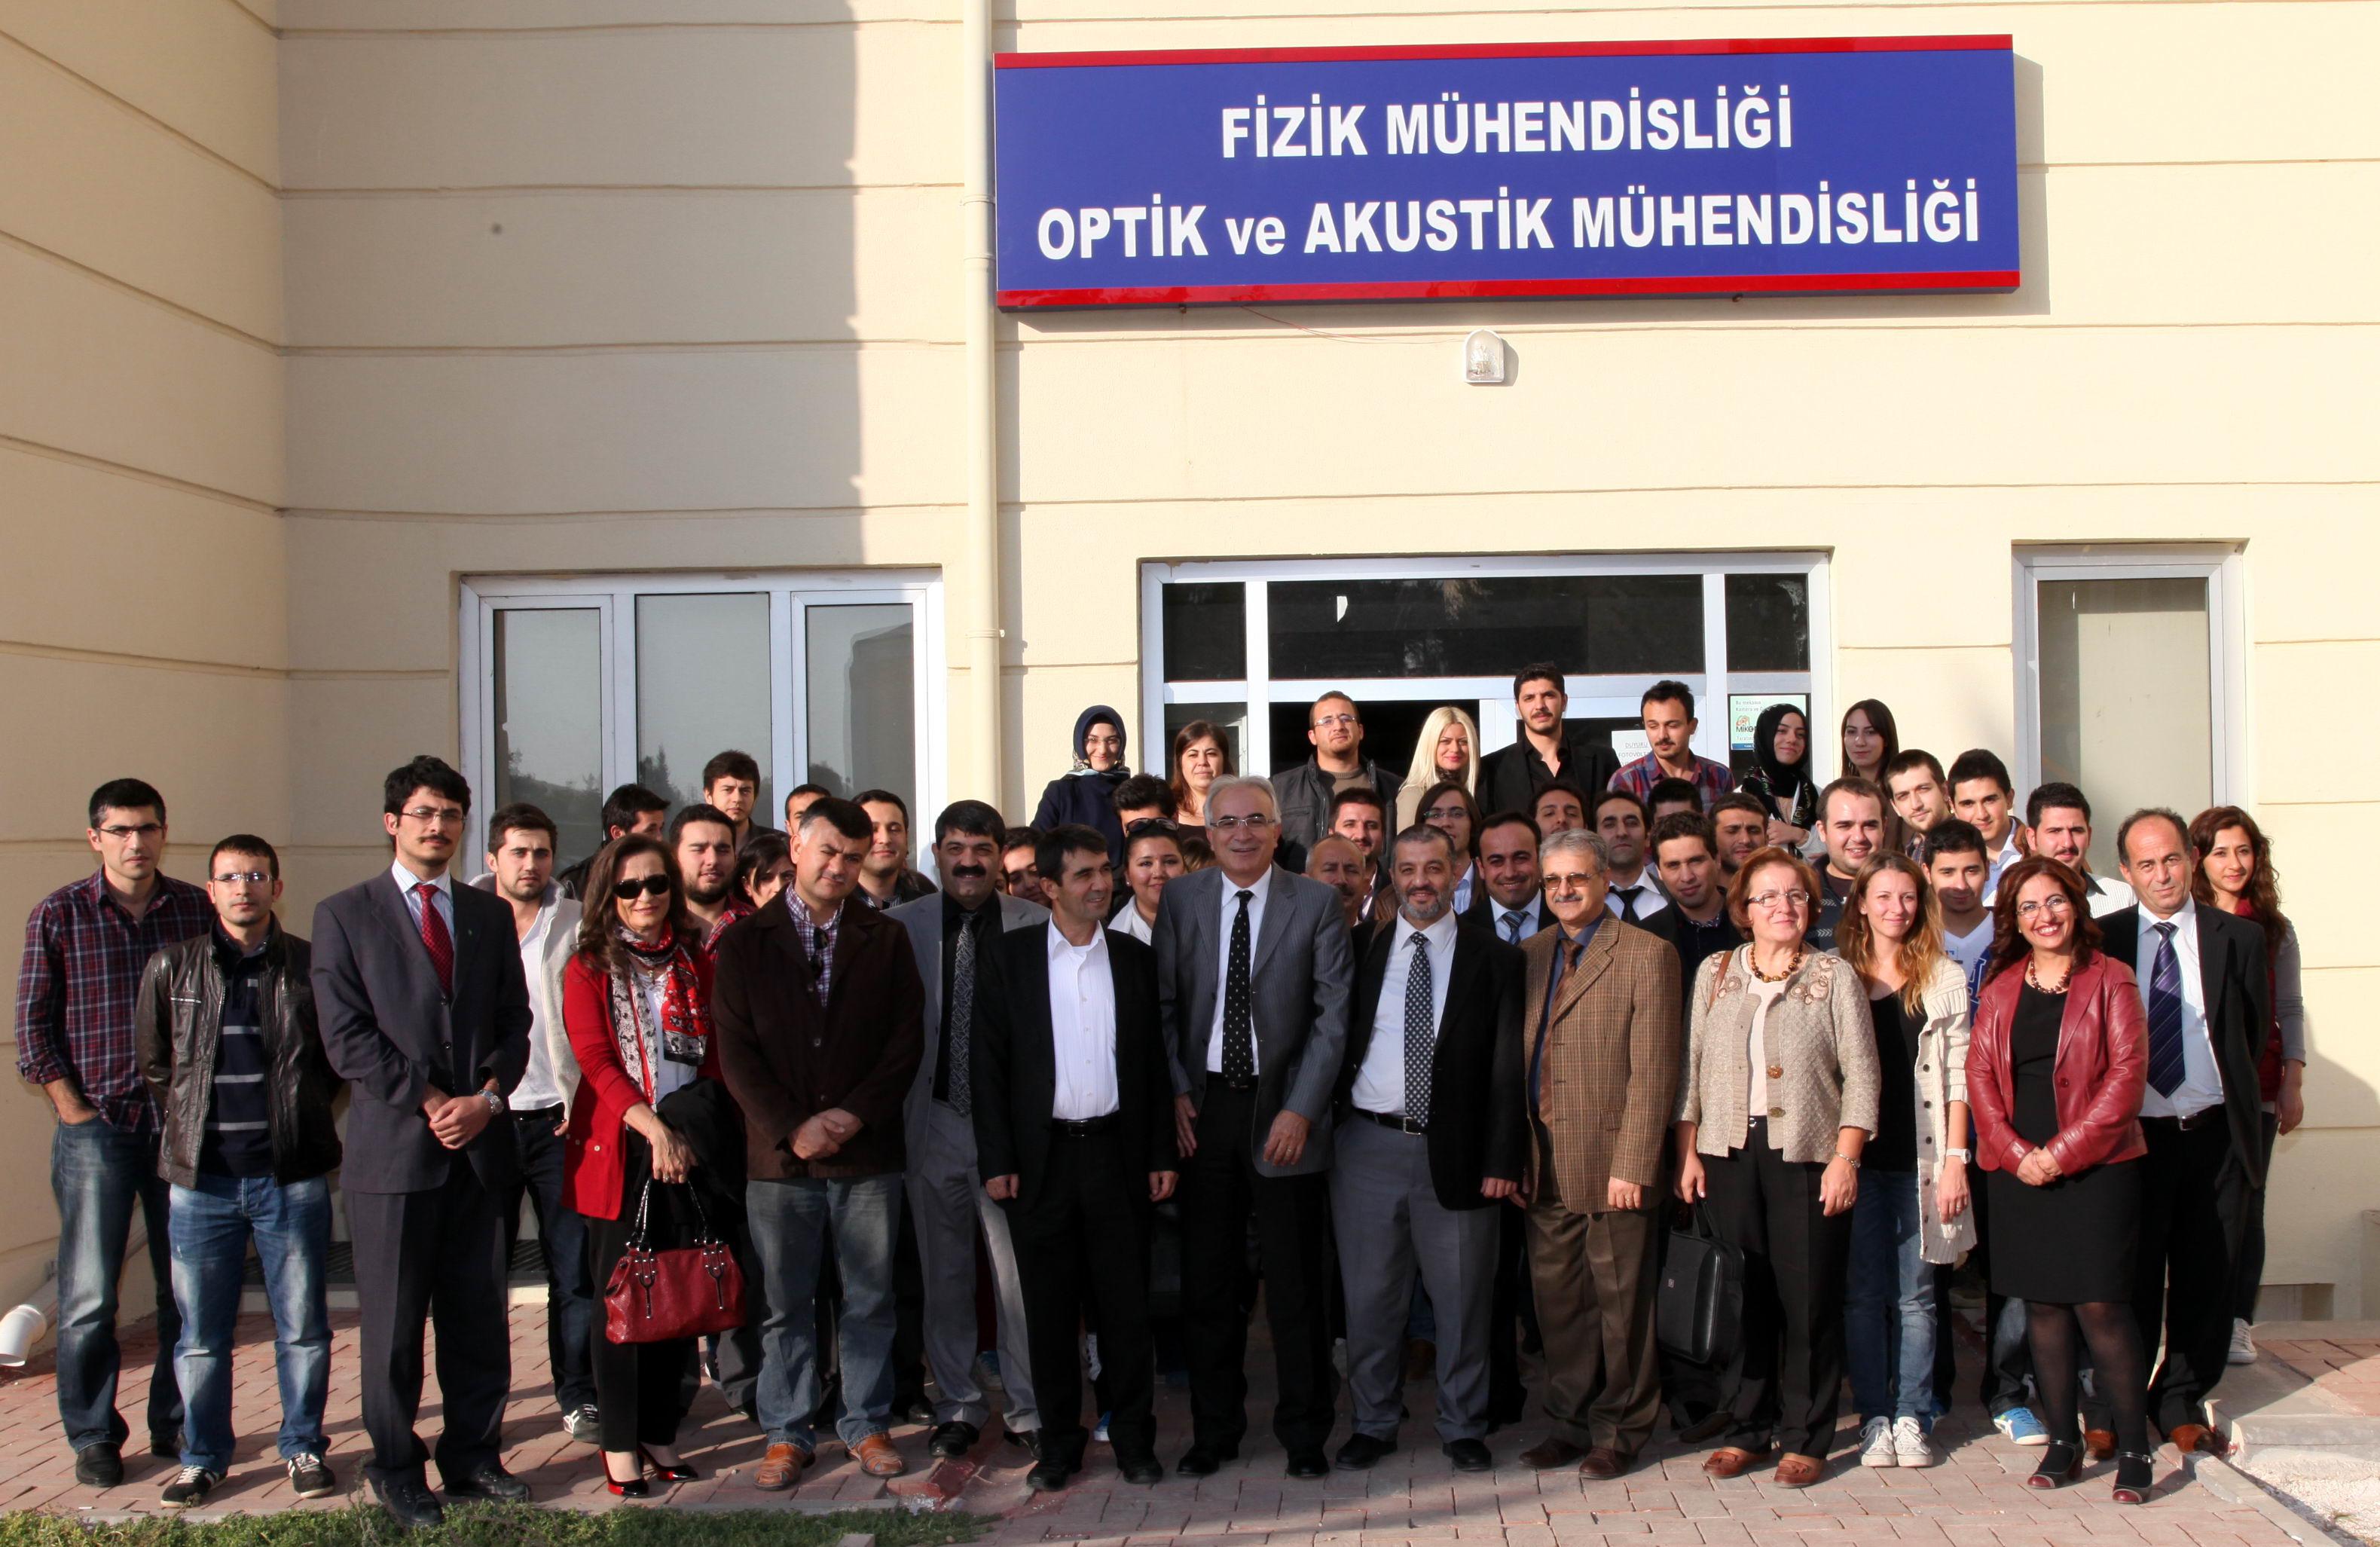 406-GAÜN- Fotovoltaik Enerji Eğitimi (1)